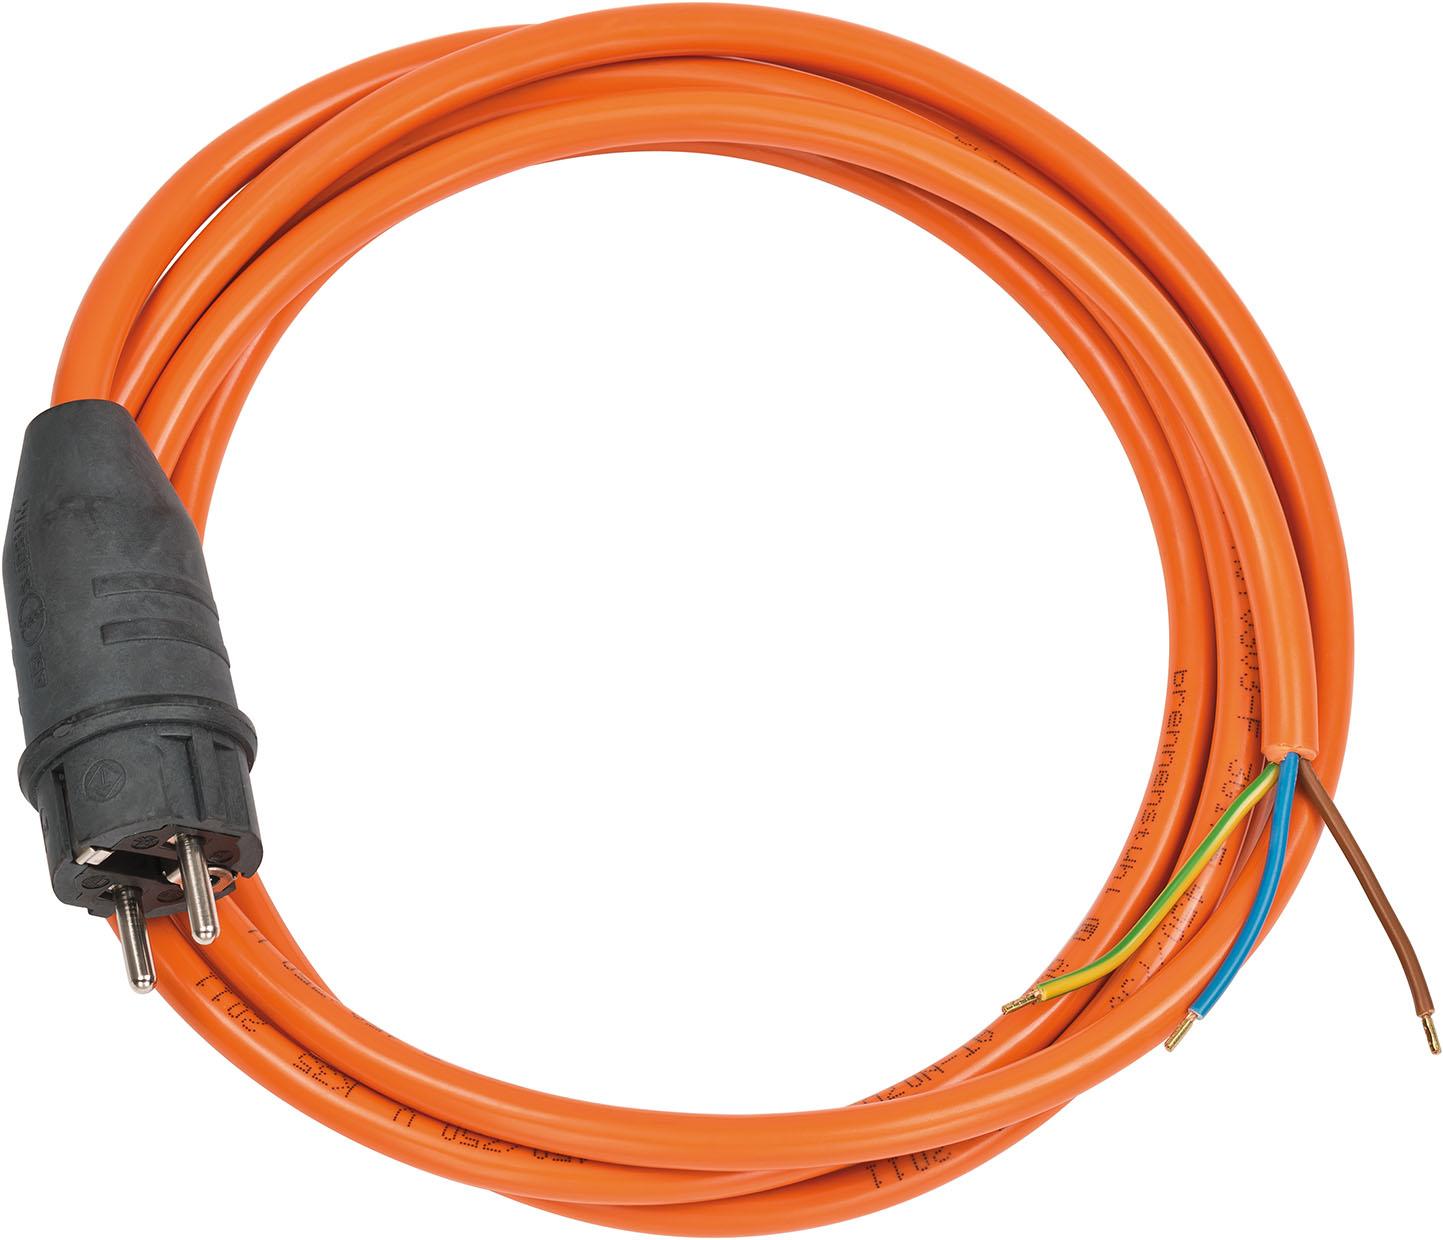 Przewód sznur przyłączeniowy olejoodporny pomarańczowy 3m 3x1,5  brennenstuhl 1160470